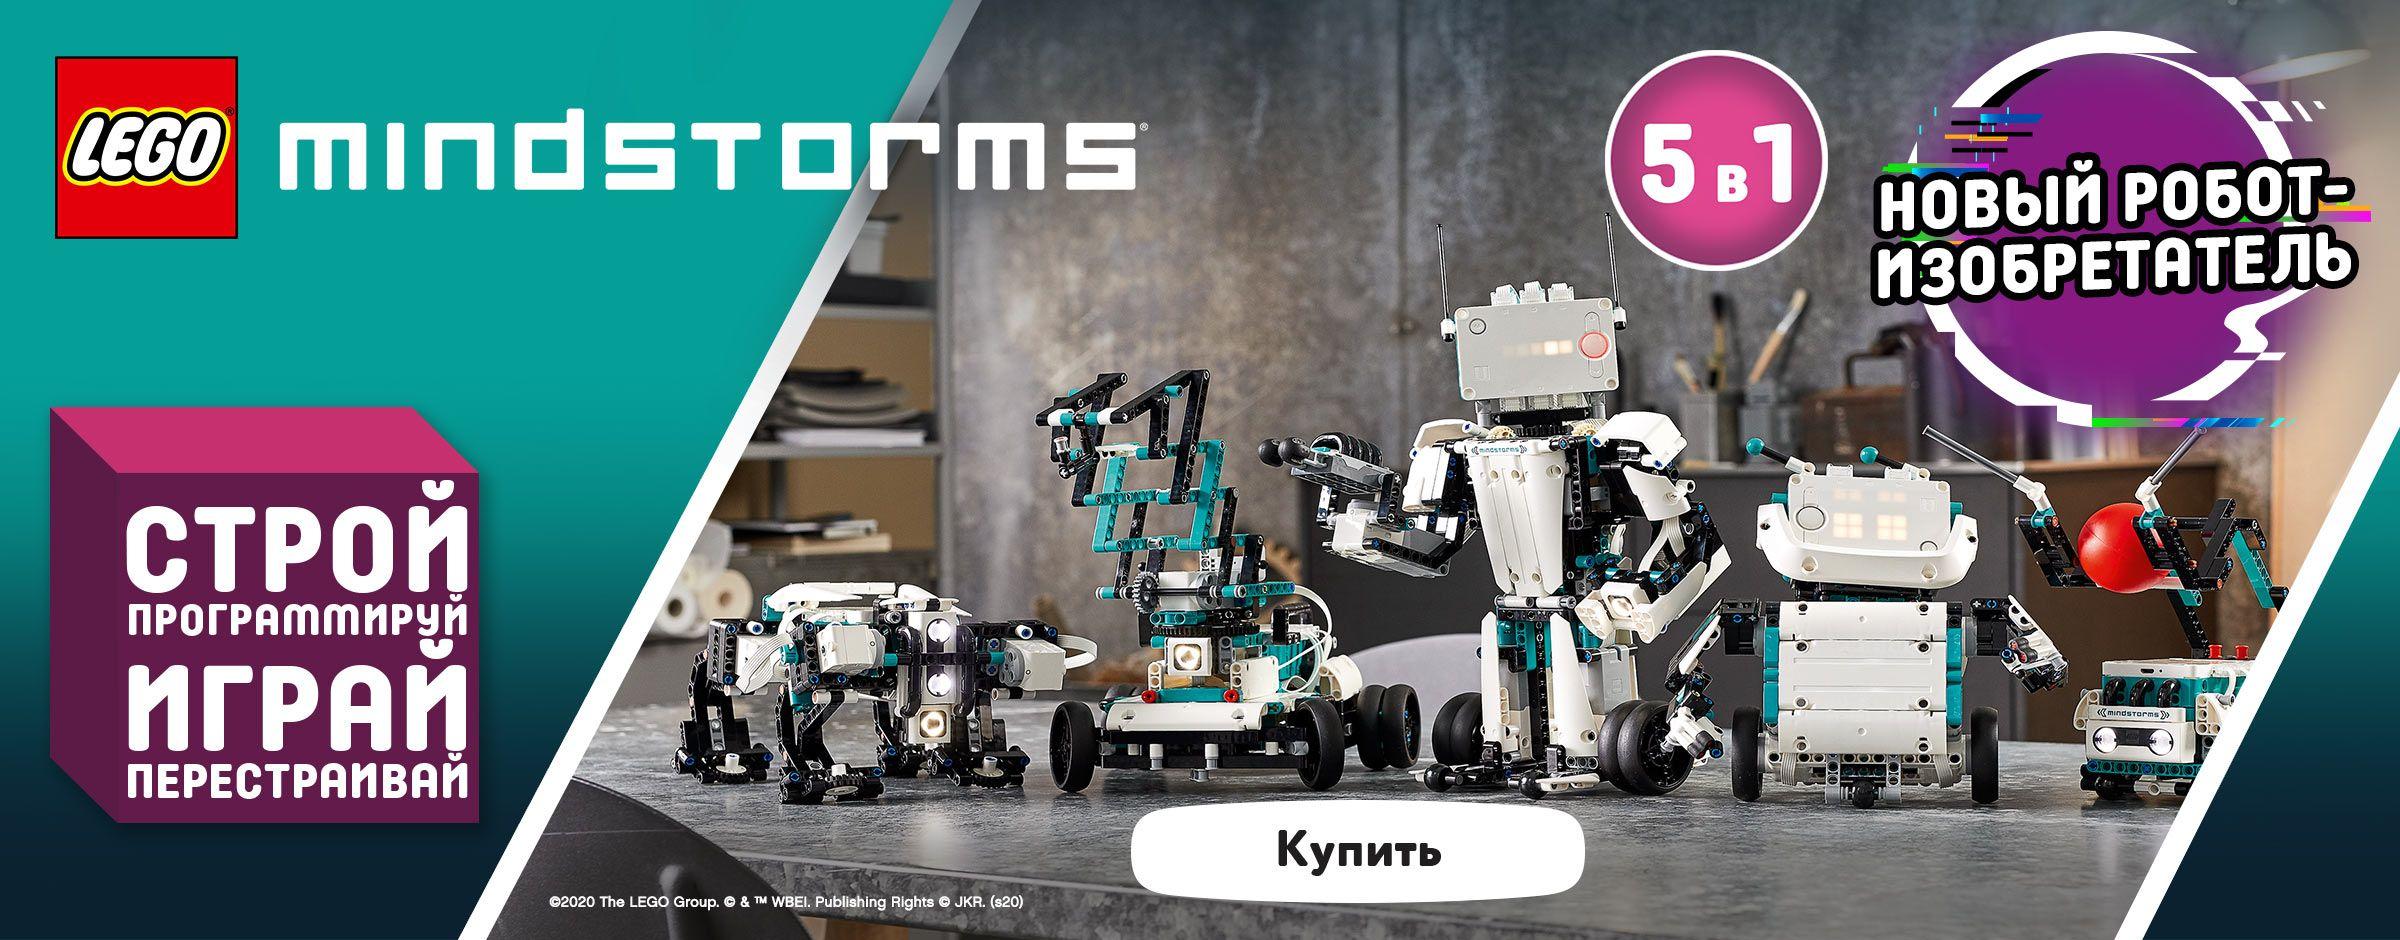 LEGO Mindstorms Робот-изобретатель